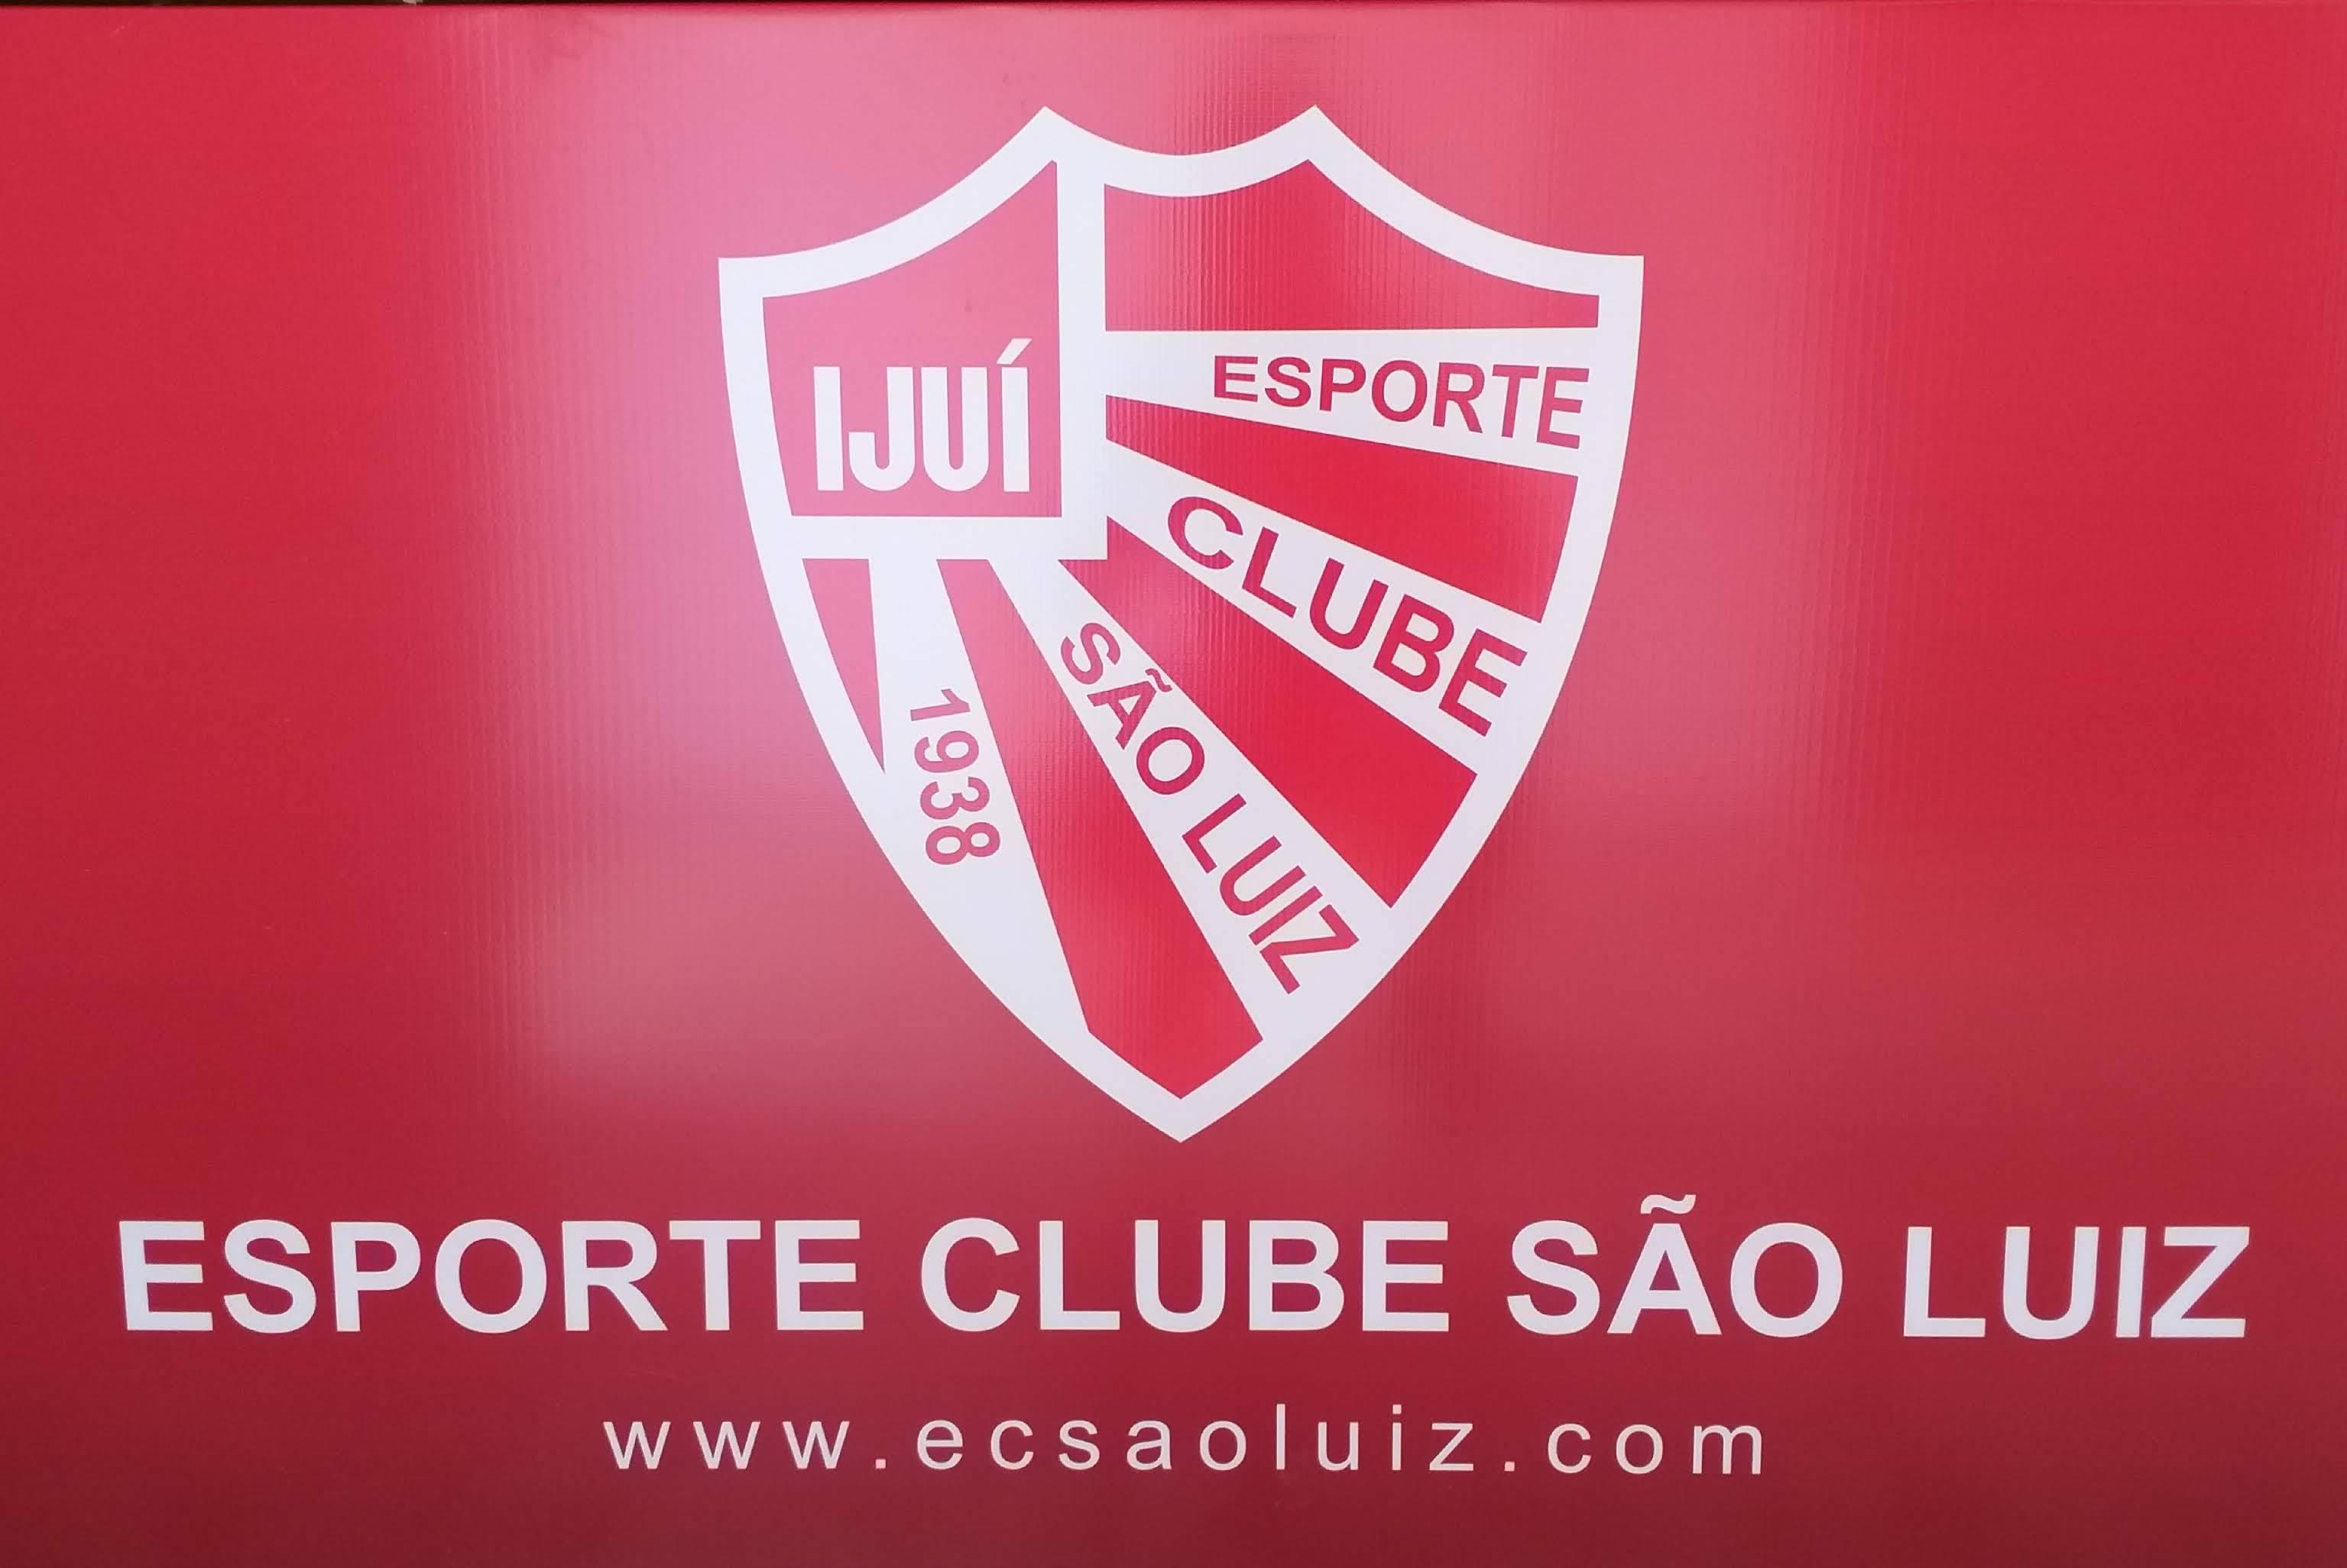 Saiba por que o São Luiz usa a #PraCegoVer a cada anúncio de um jogador